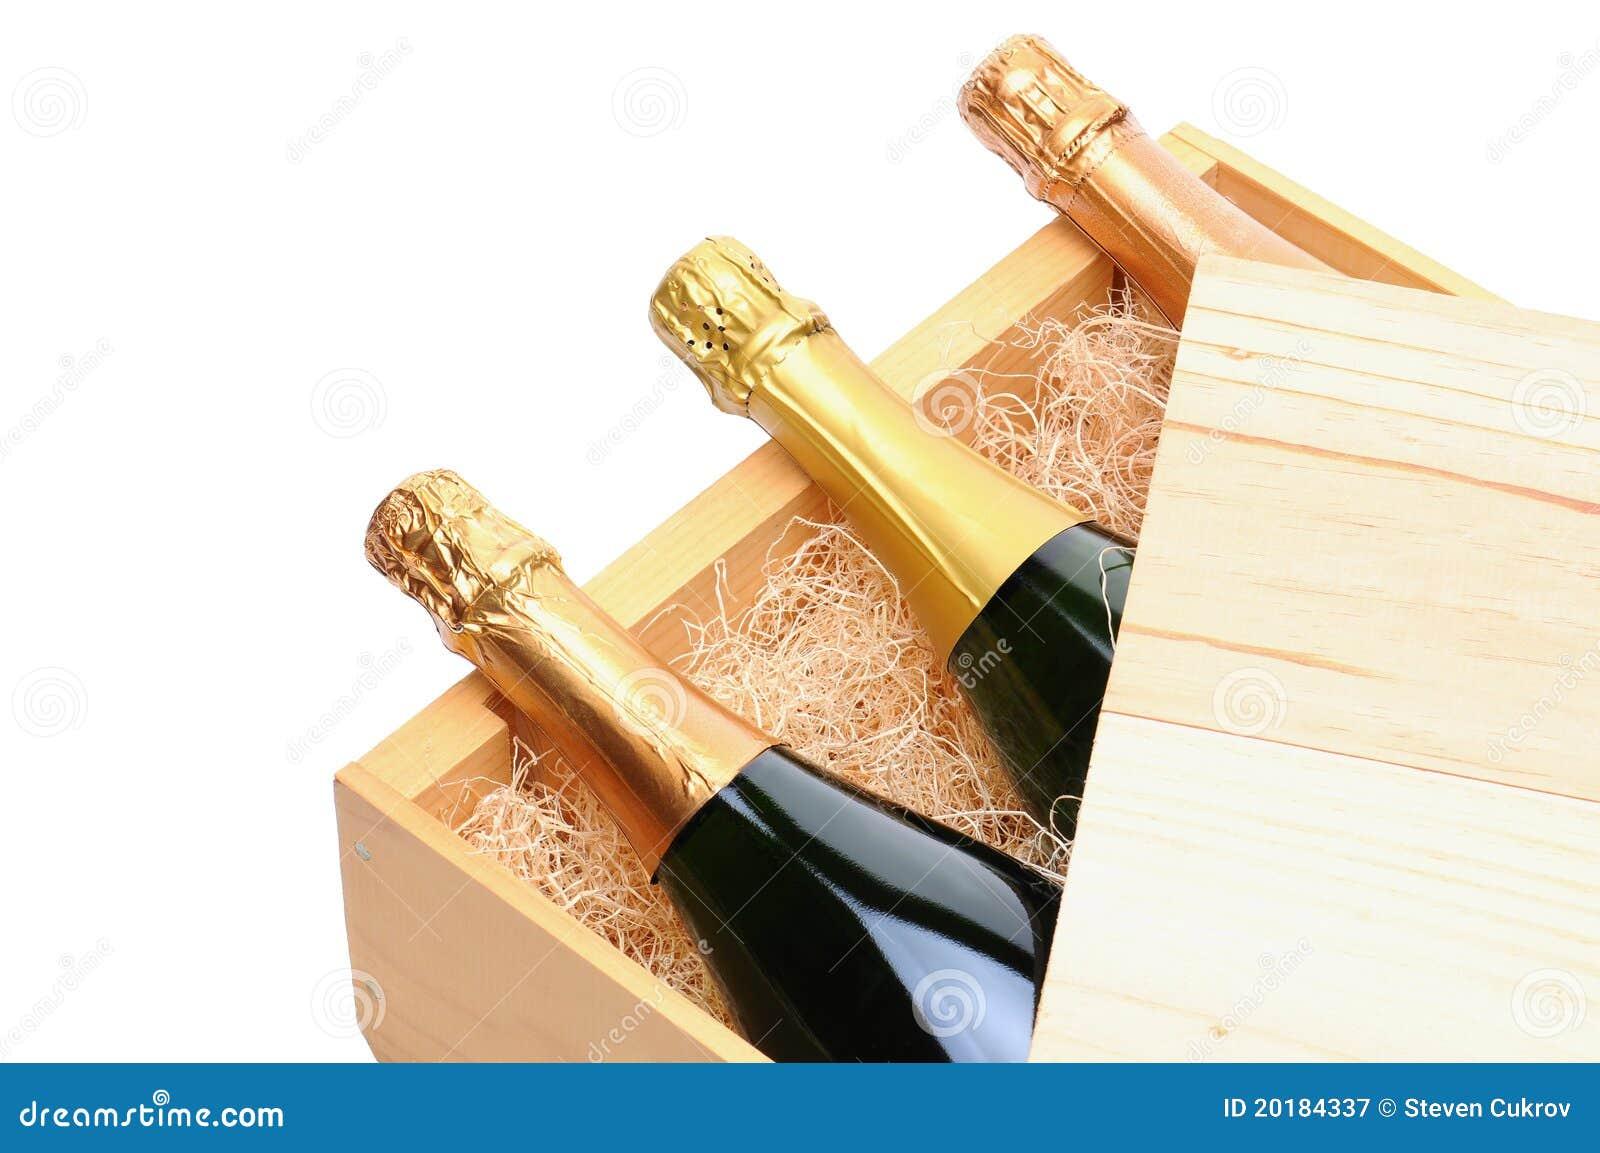 bouteilles de champagne dans la caisse en bois image stock image du personne caisse 20184337. Black Bedroom Furniture Sets. Home Design Ideas